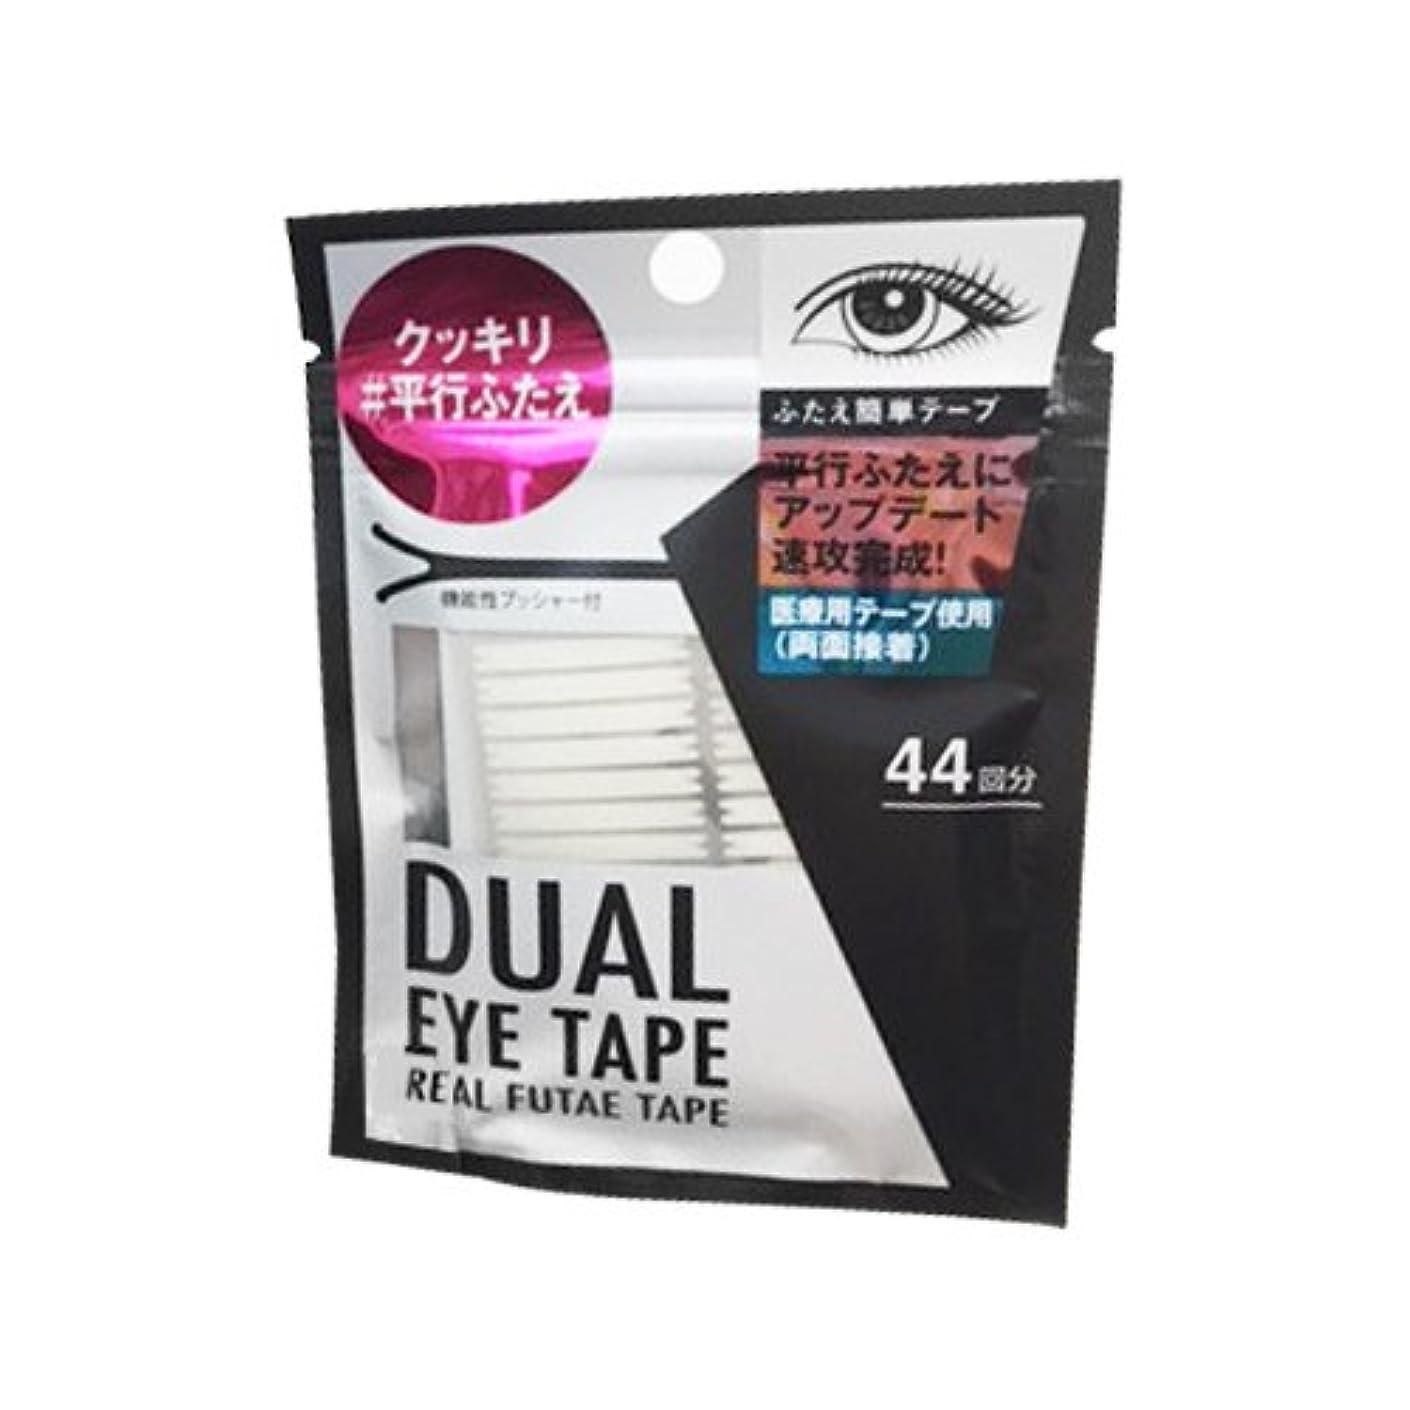 迷彩ムス持つデュアルアイテープ (平行ふたえ両面接着テープ) (44回分)